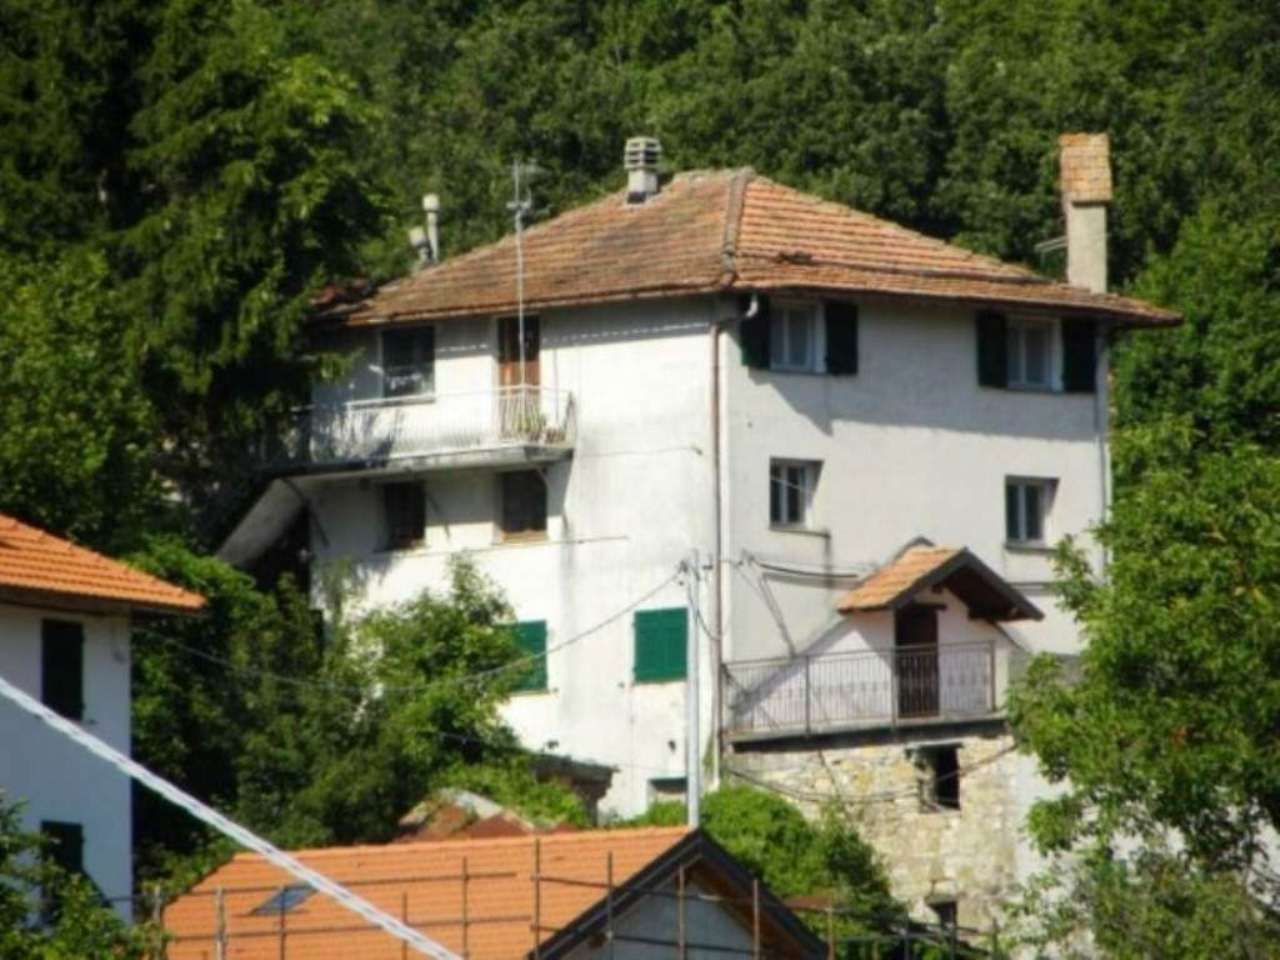 Soluzione Indipendente in vendita a Valbrevenna, 12 locali, prezzo € 190.000 | Cambio Casa.it